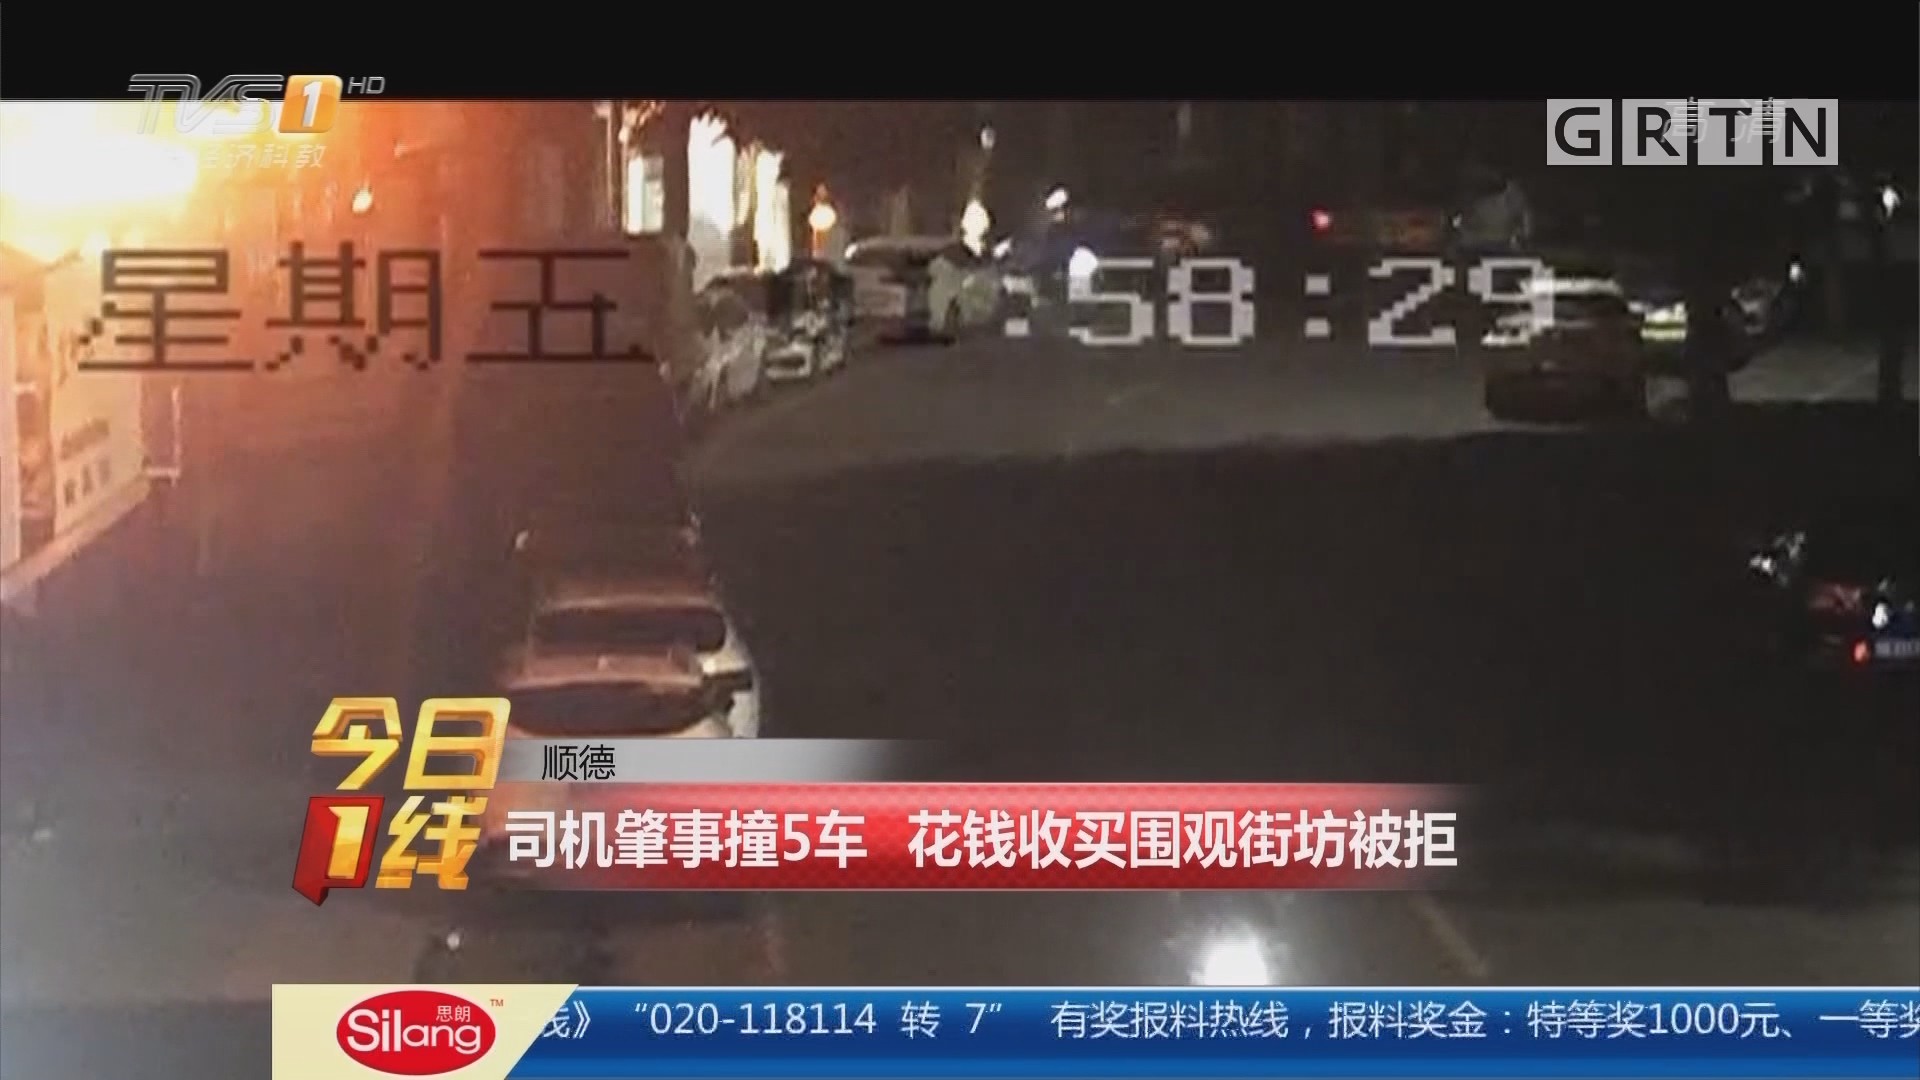 顺德:司机肇事撞5车 花钱收买围观街坊被拒